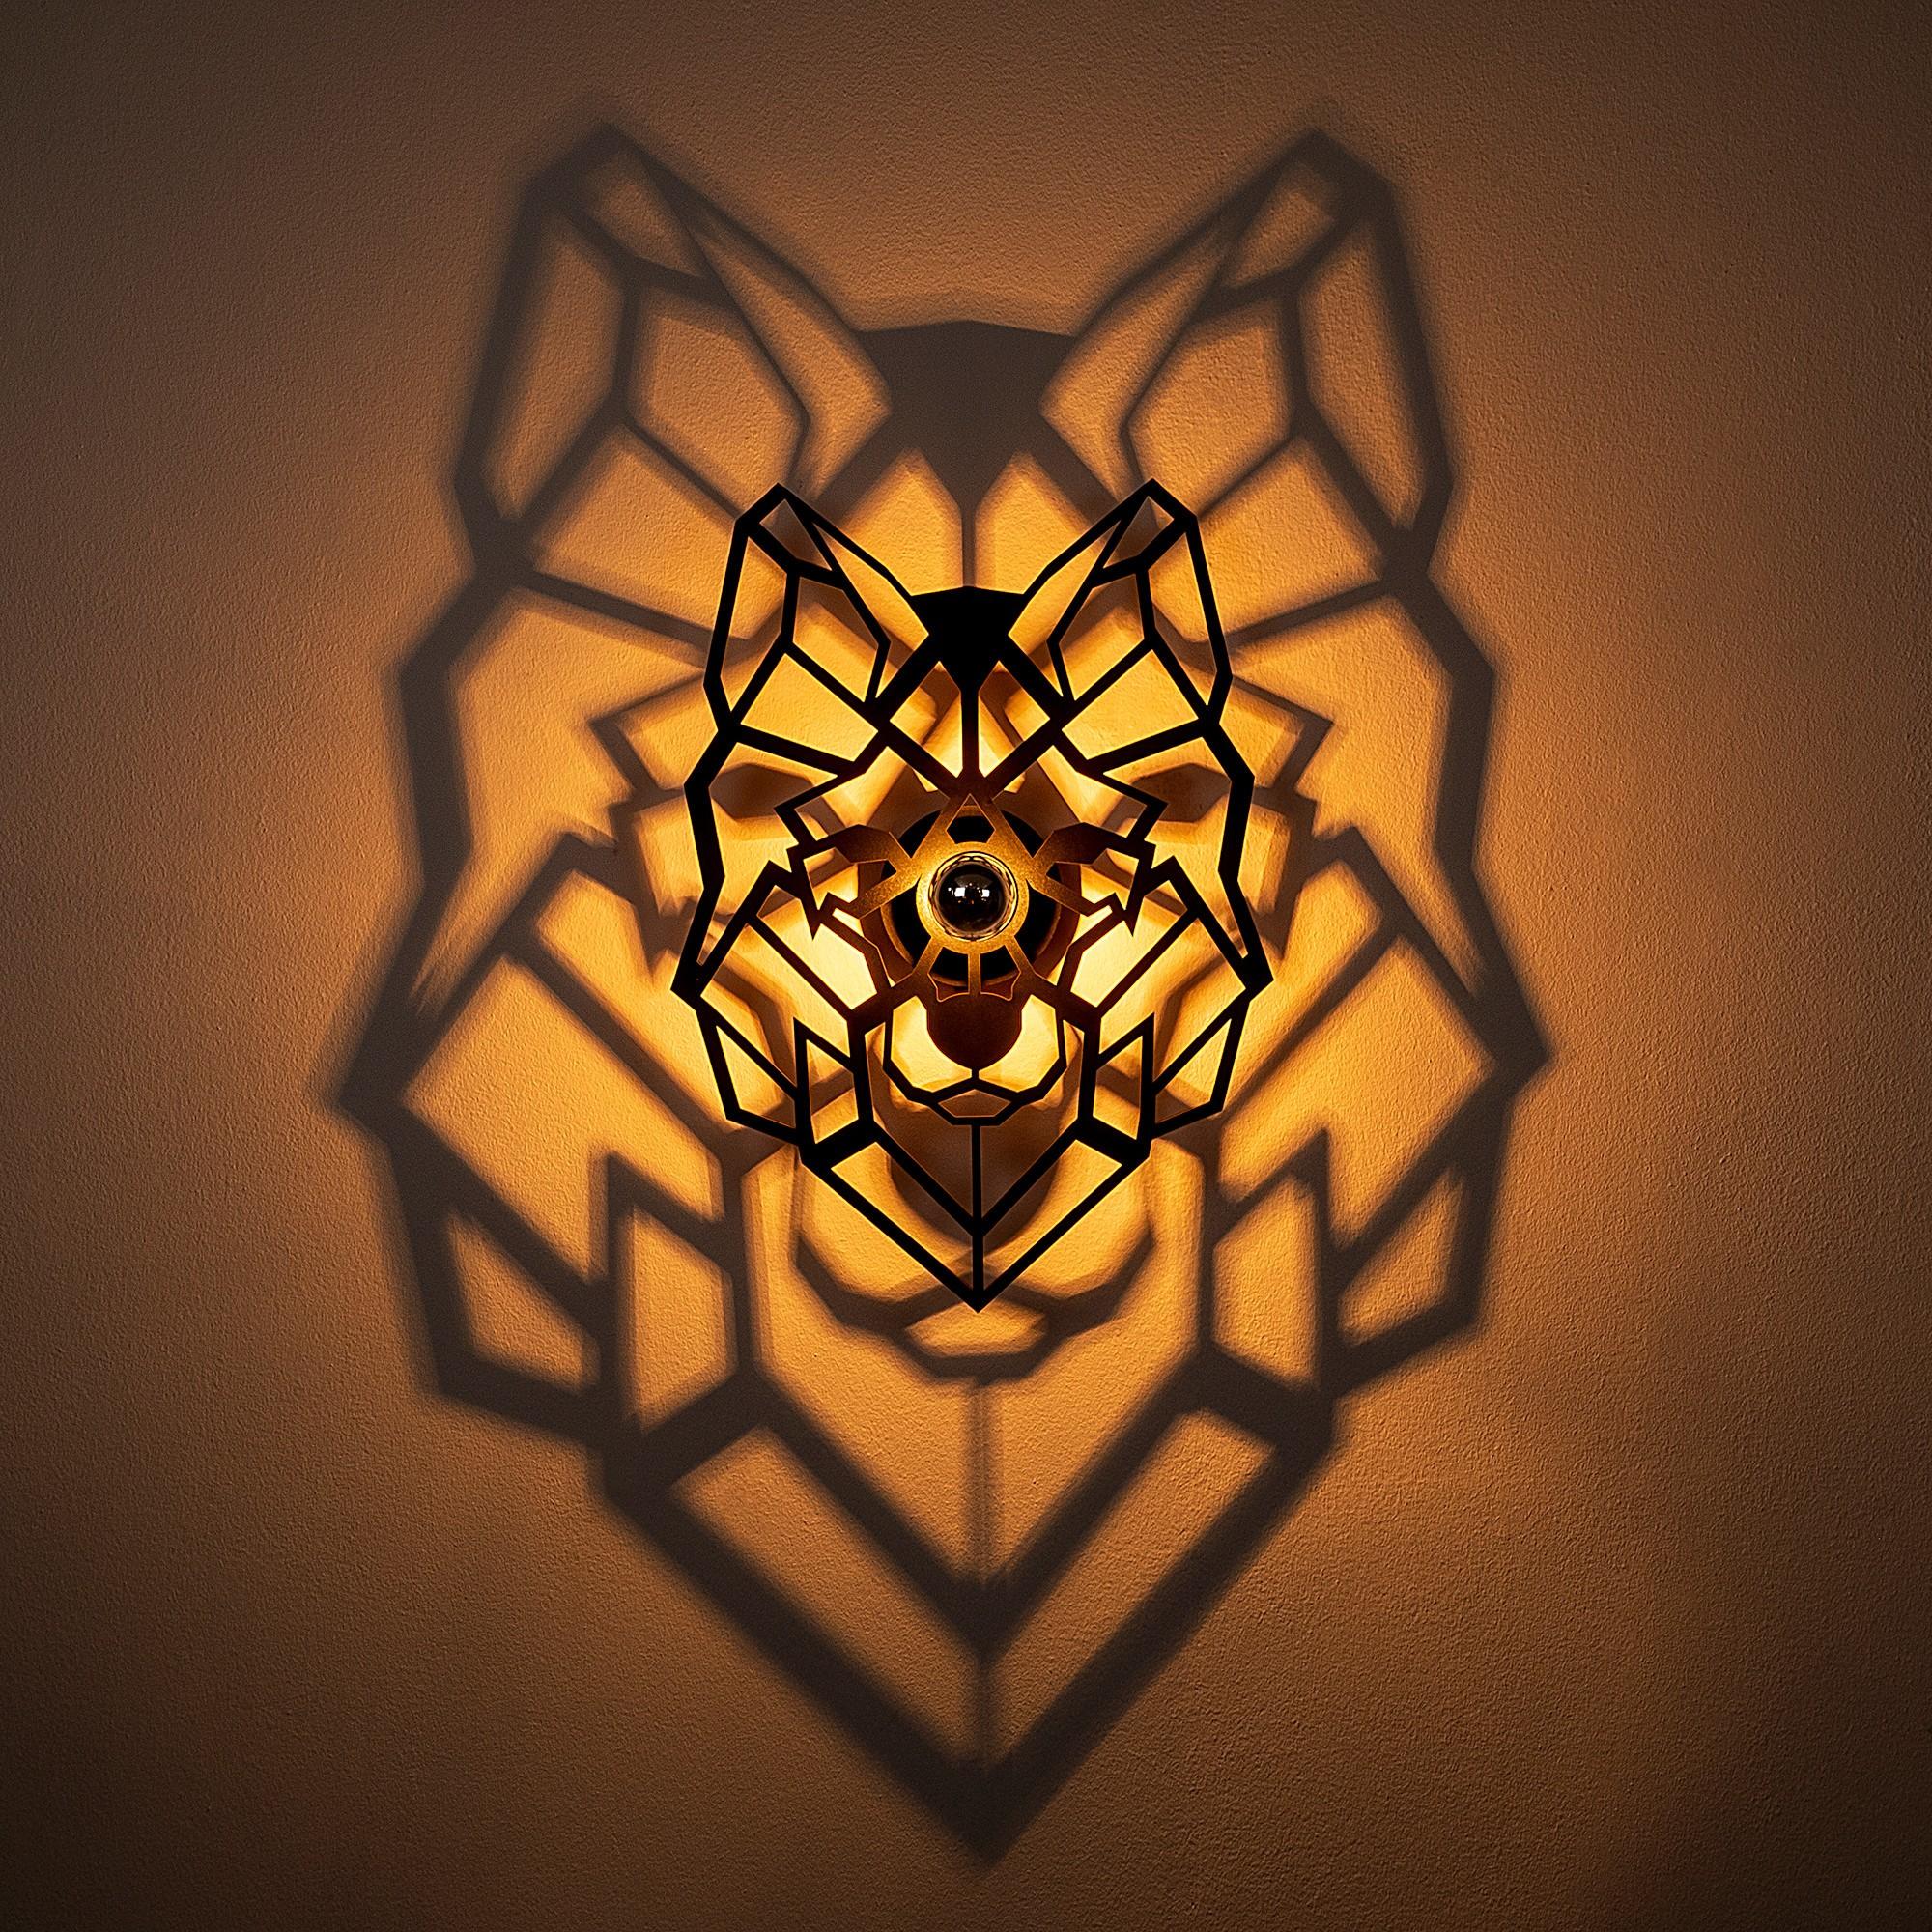 LED industriële wanddeco lamp dieren - Wolf - dimbaar - E27 fitting - sfeerfoto met lamp aan